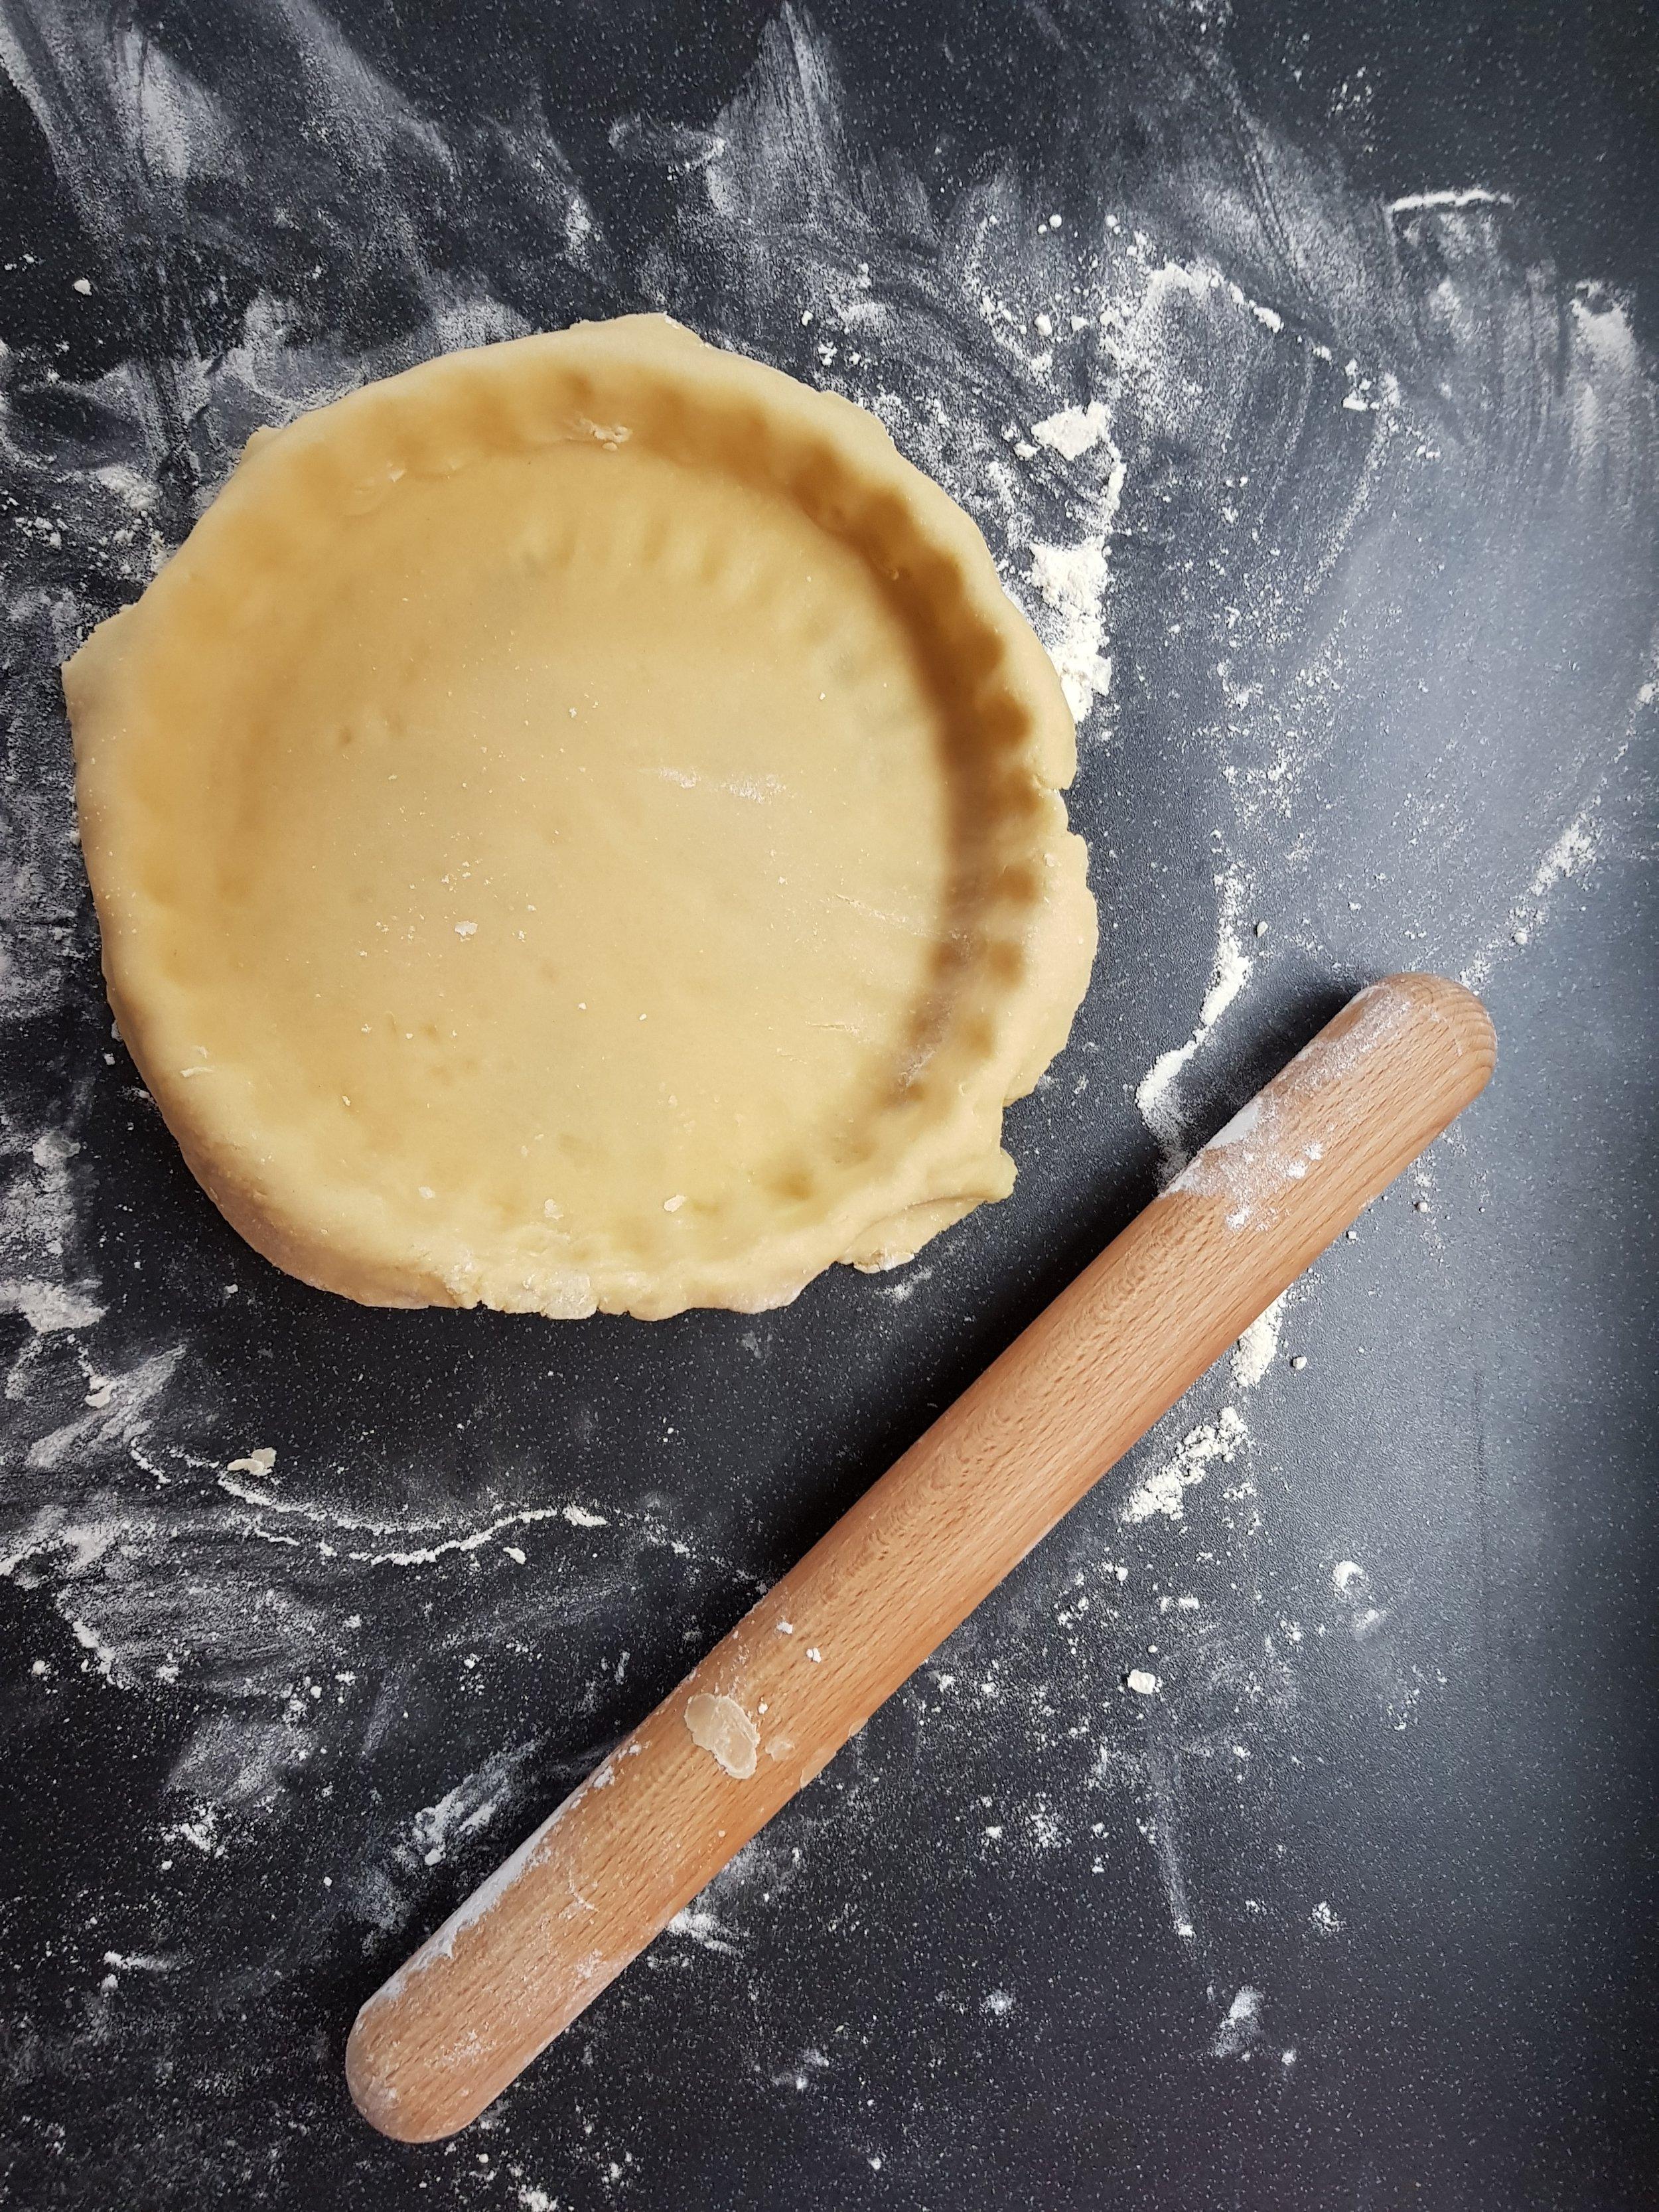 Making white chocolate tart pastry